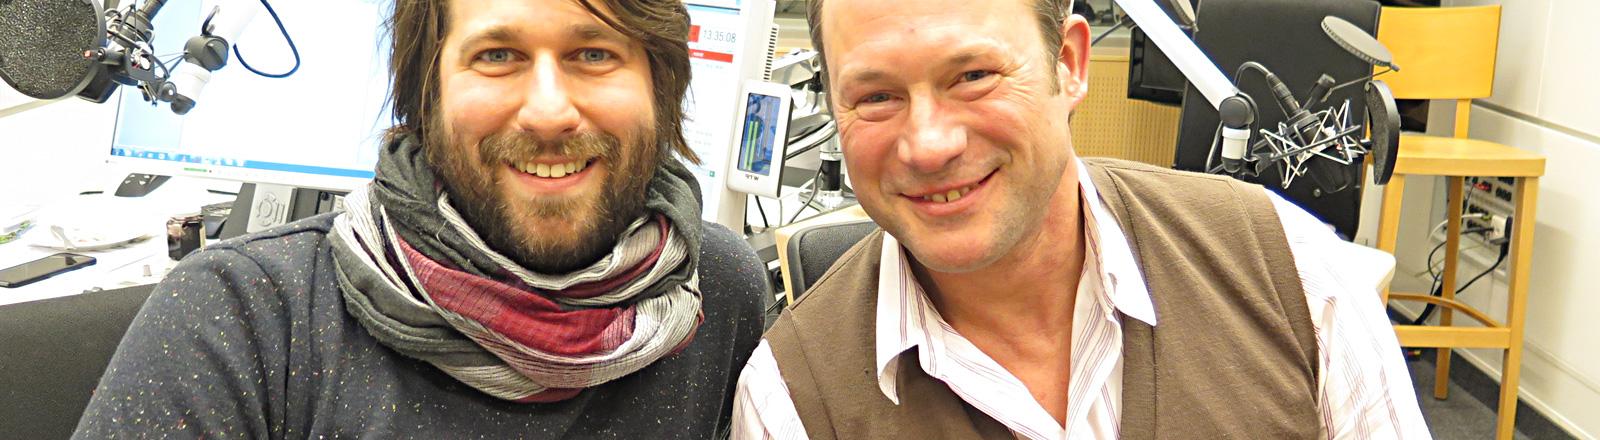 Hanno Friedrich sitzt im Studio neben Moderator Sebastian Sonntag. Sie lachen beide.